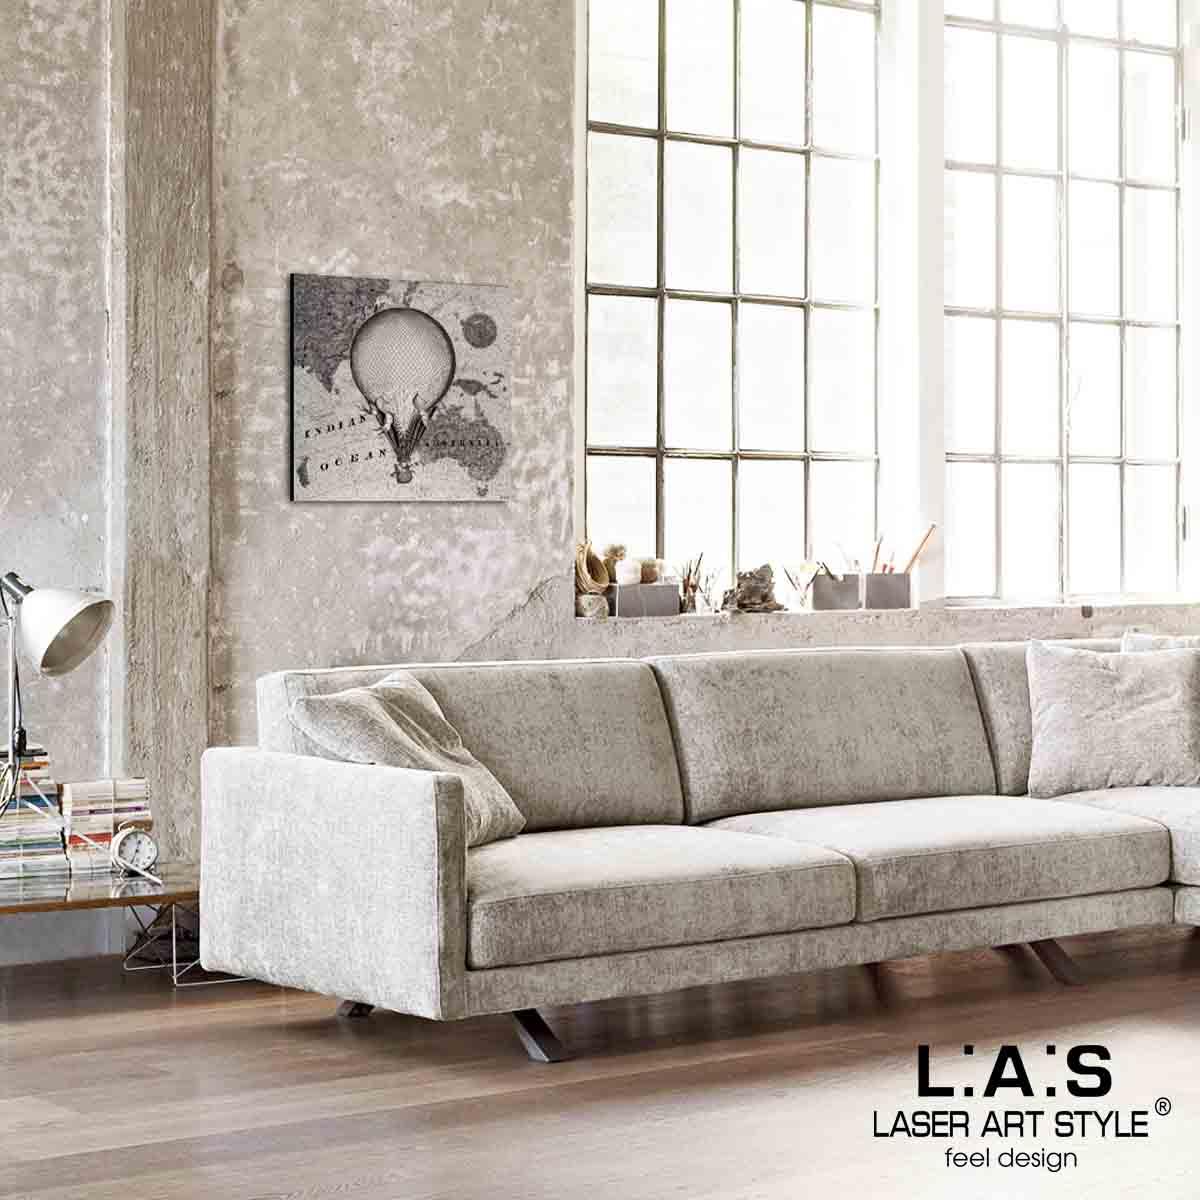 L:A:S - Laser Art Style - QUADRO – SCULTURA DA PARETE – Q-029 DECORO NERO